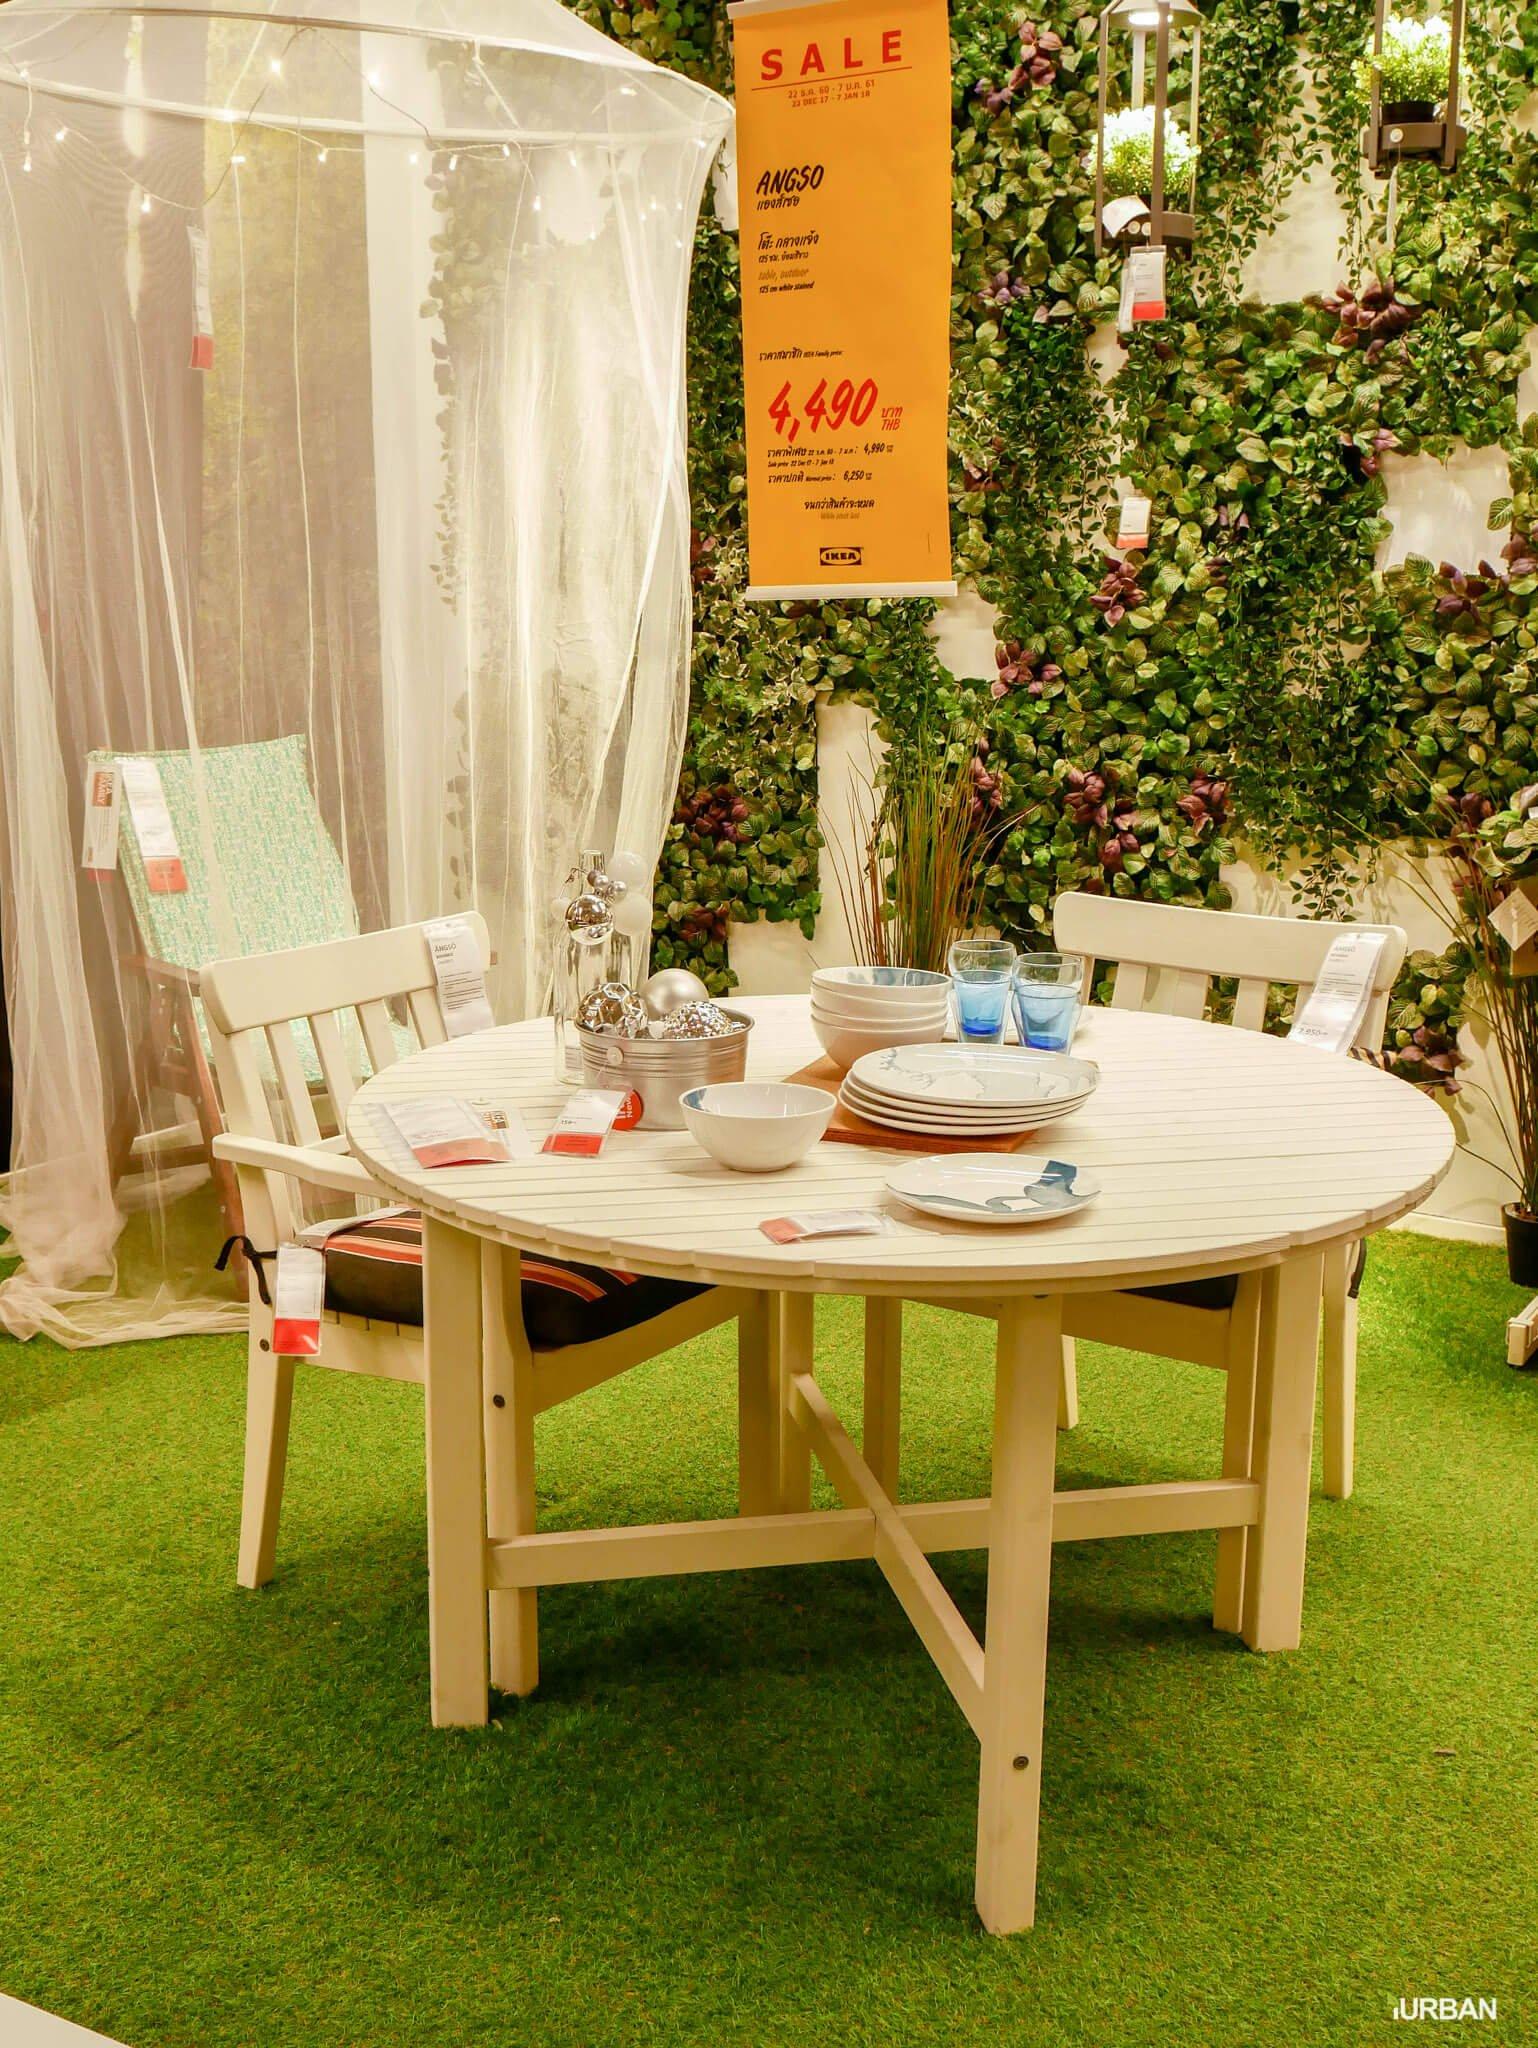 มันเยอะมากกกก!! IKEA Year End SALE 2017 รวมของเซลในอิเกีย ลดเยอะ ลดแหลก รีบพุ่งตัวไป วันนี้ - 7 มกราคม 61 43 - IKEA (อิเกีย)